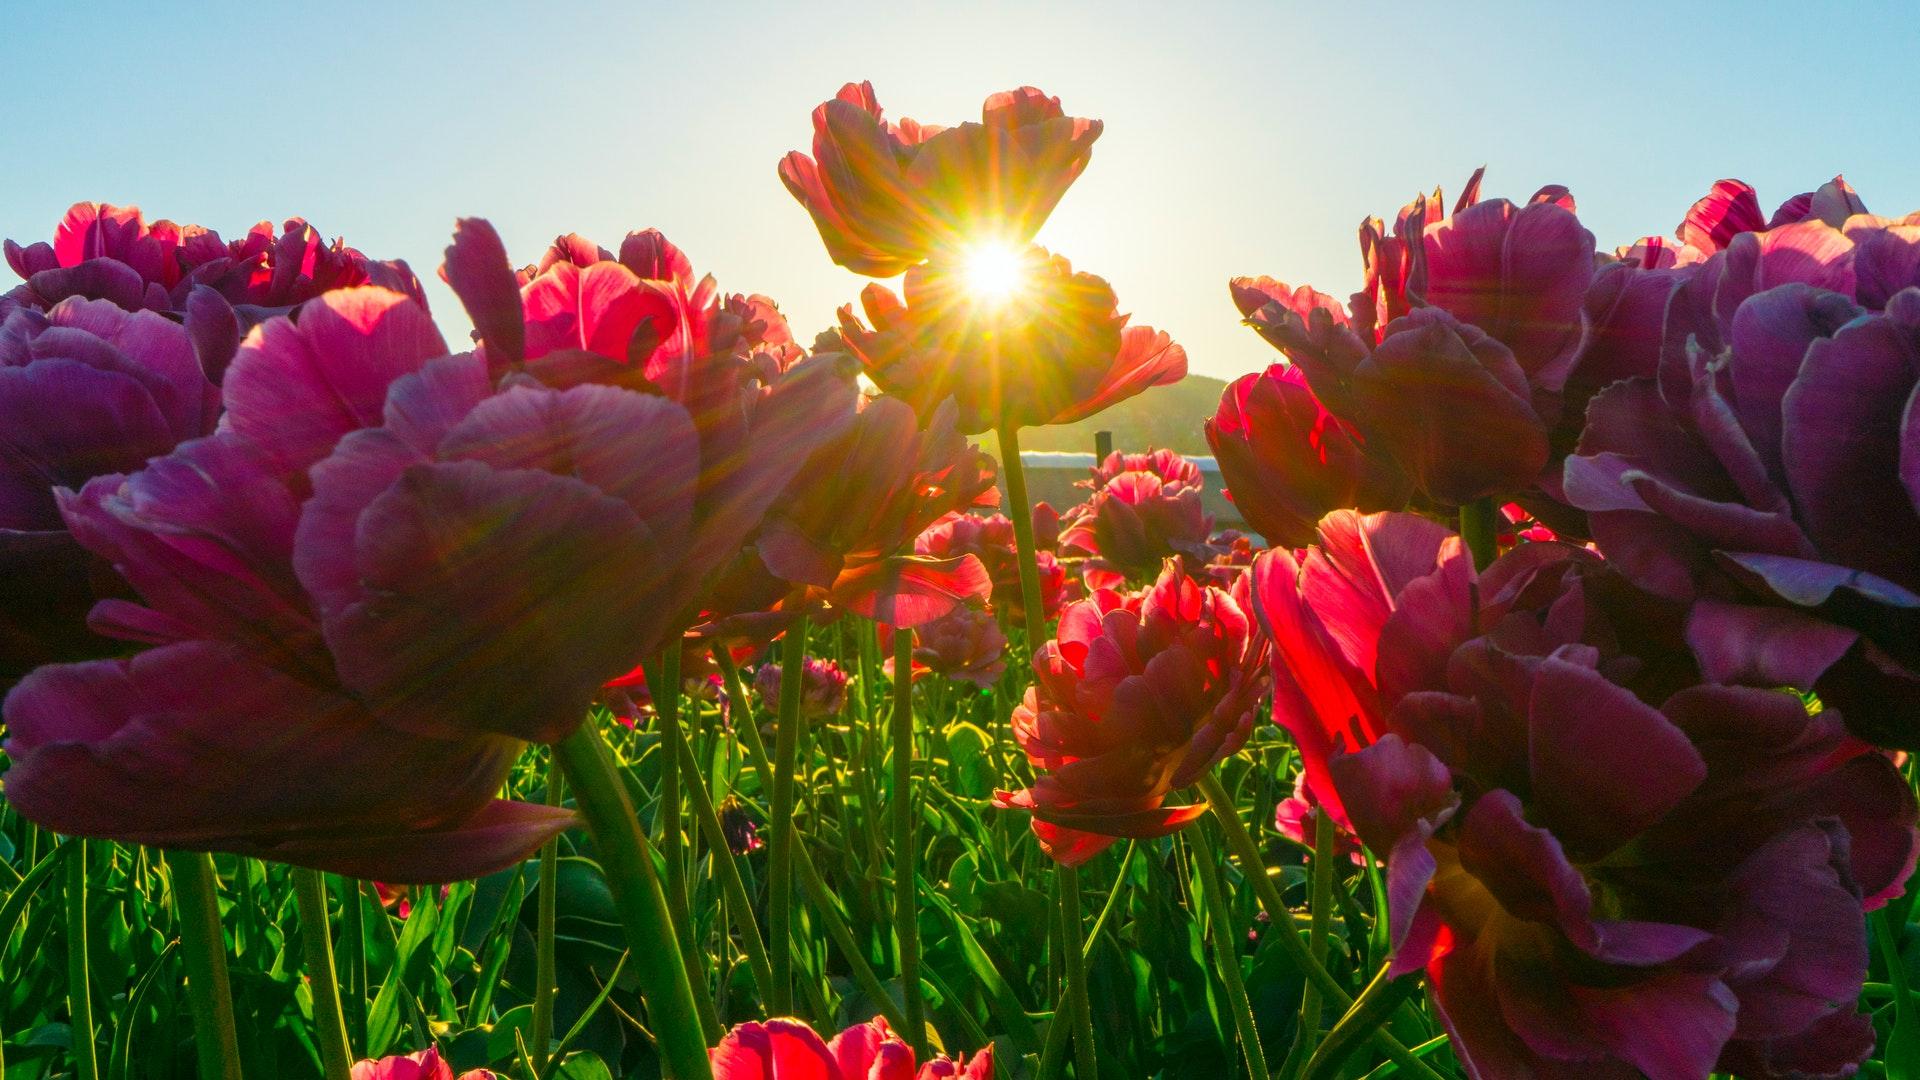 https://martawiecka-nowywiec.pl/tulipomania-czyli-glupota-inwestorow-w-najprostszym-wydaniu/